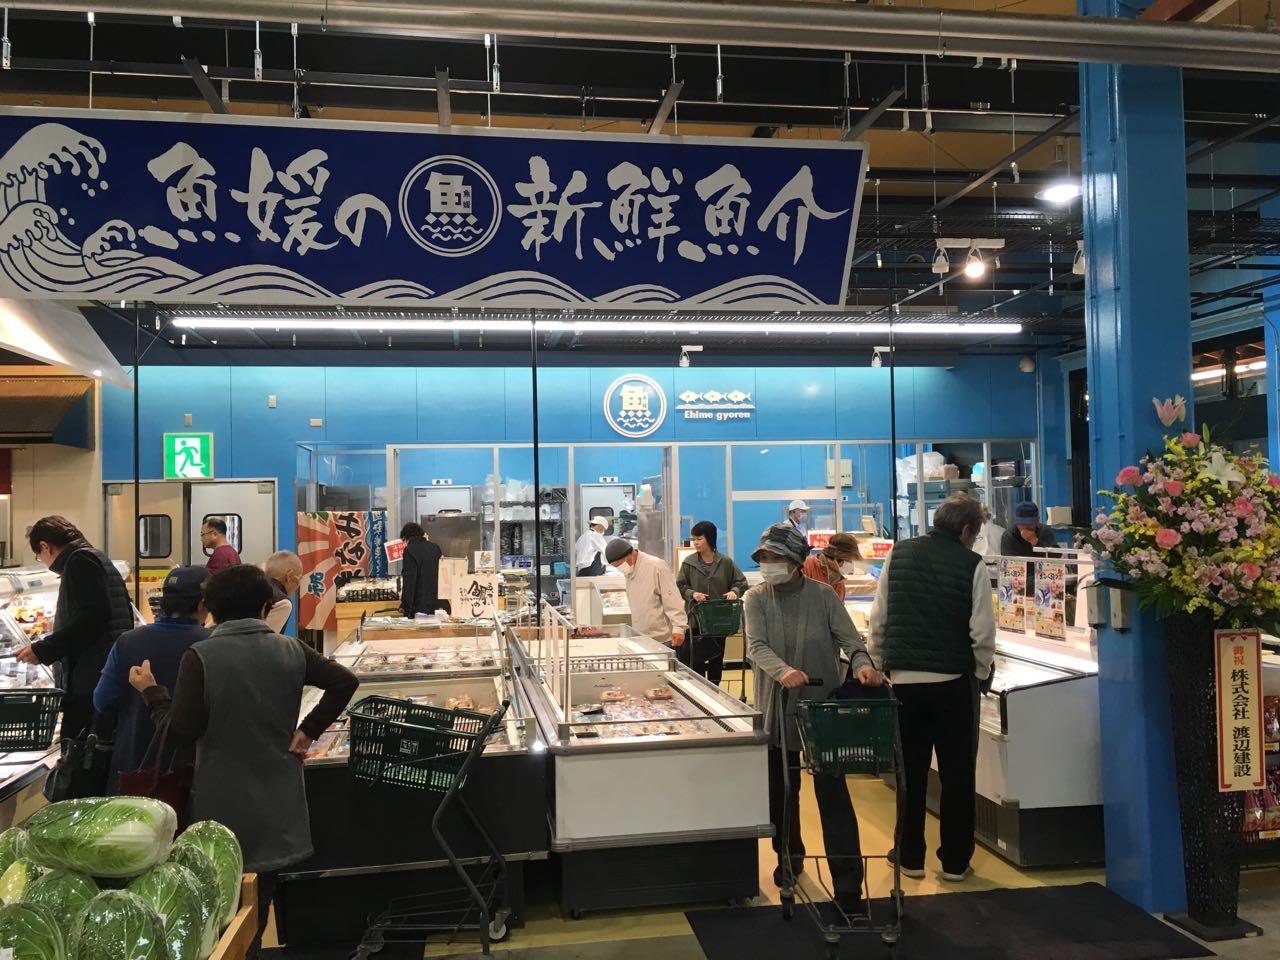 ehime, imabari, えひめ県漁連, さいさいきて屋, みとん今治, 今治, 愛媛, 直売所, 魚媛, 鮮魚